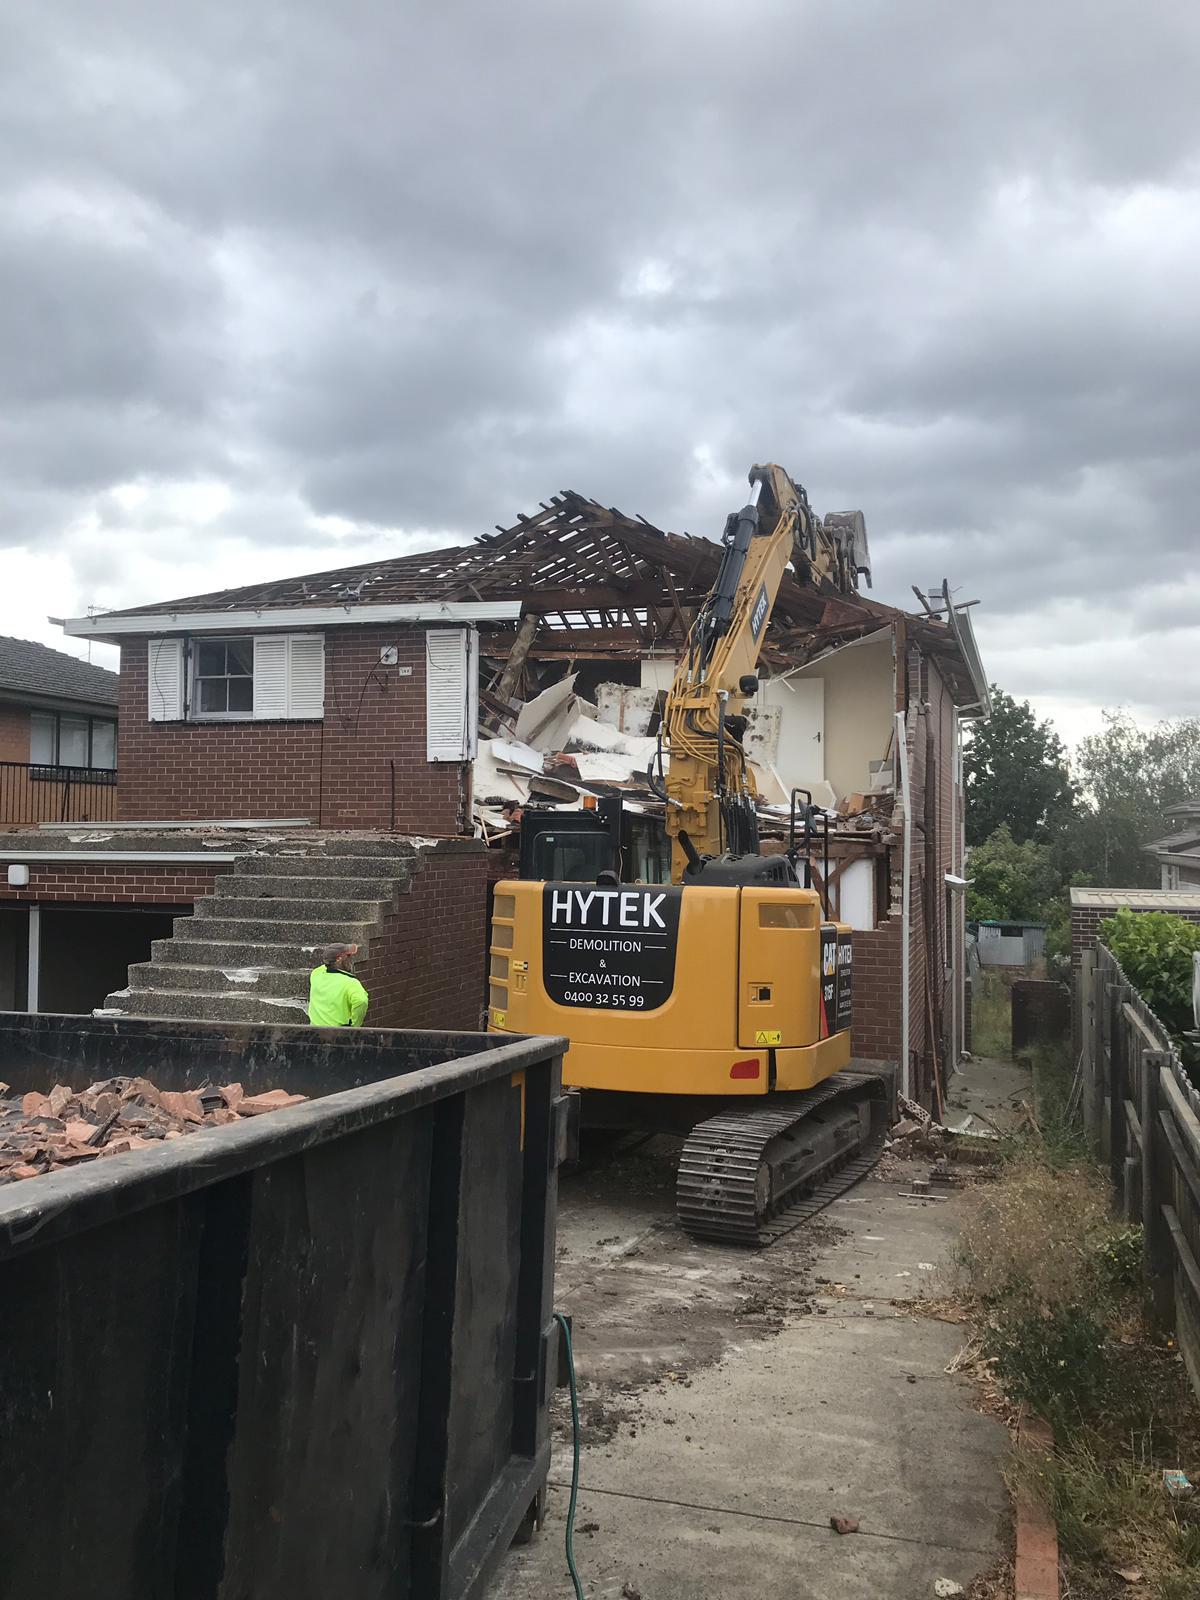 Hytek Demolition | Demolition And Excavation Services Melbourne